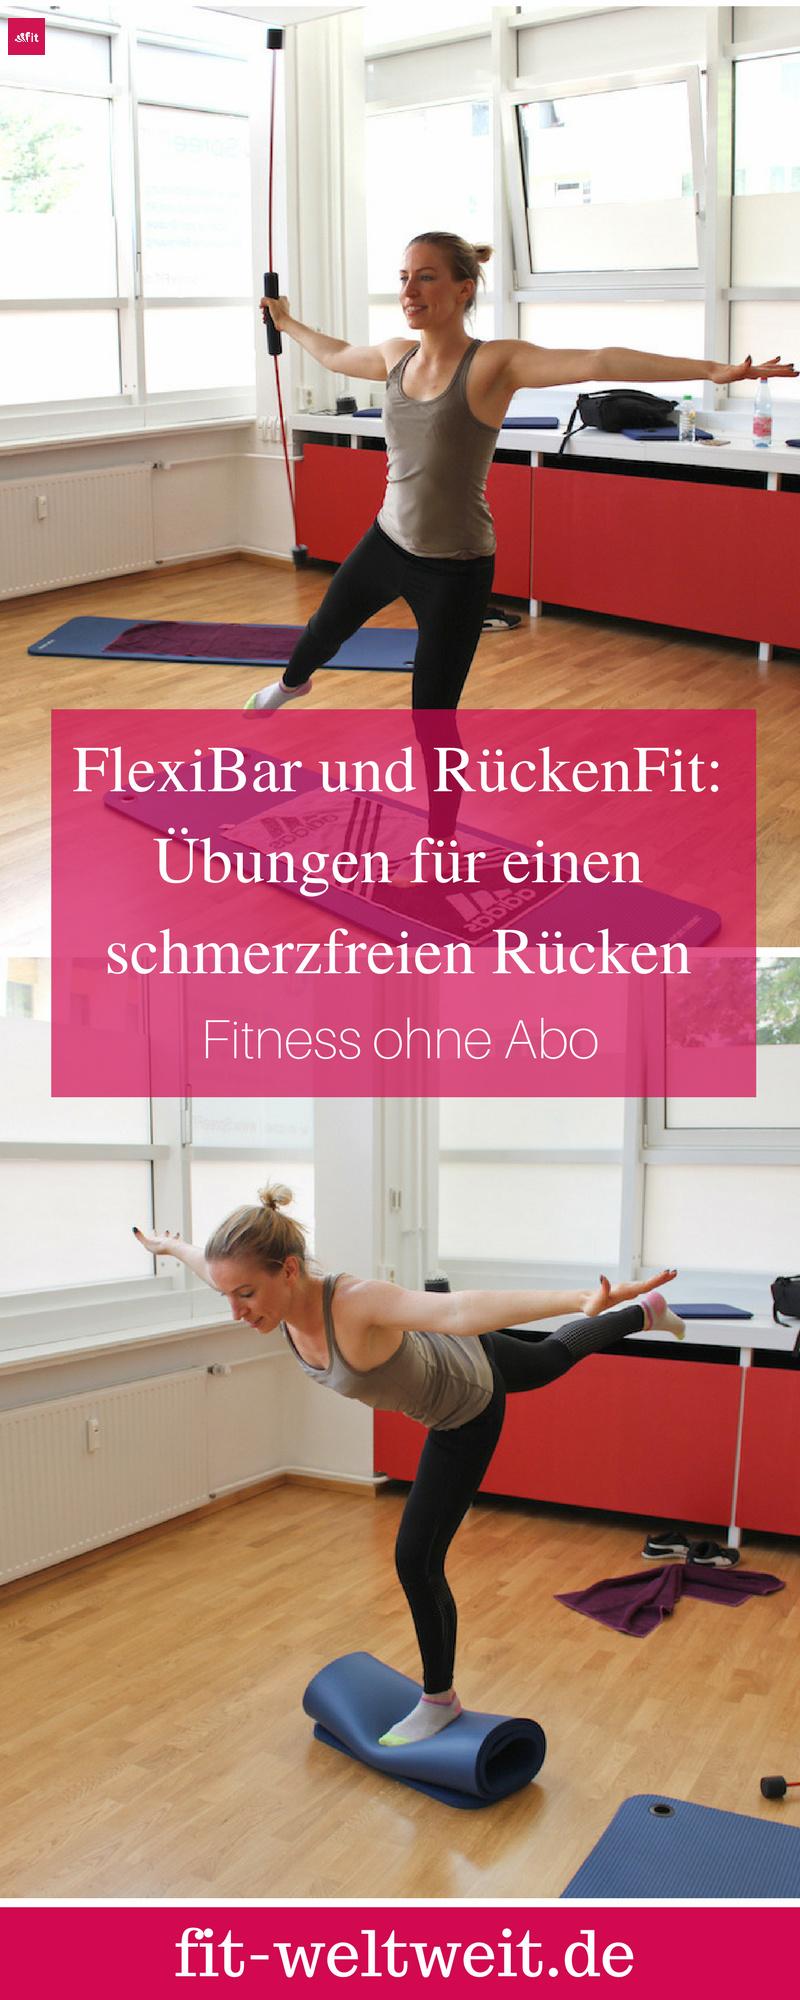 FlexiBar Übungen und Wirkung - RückenFit mit Gymflow (mit Video): Mit dem Flexi Bar kannst du Rückenschmerzen durch effektive und nachhaltige Übungen wegtrainieren. Dazu zeige ich dir mit dem Swingstick, welches als eins der wirksamsten Trainingsgeräte unserer Zeit zählt, wie es geht. Der Stab trainiert die Muskeln in der Tiefeund unterstützt beim Aufbau deiner Stützmuskulatur.